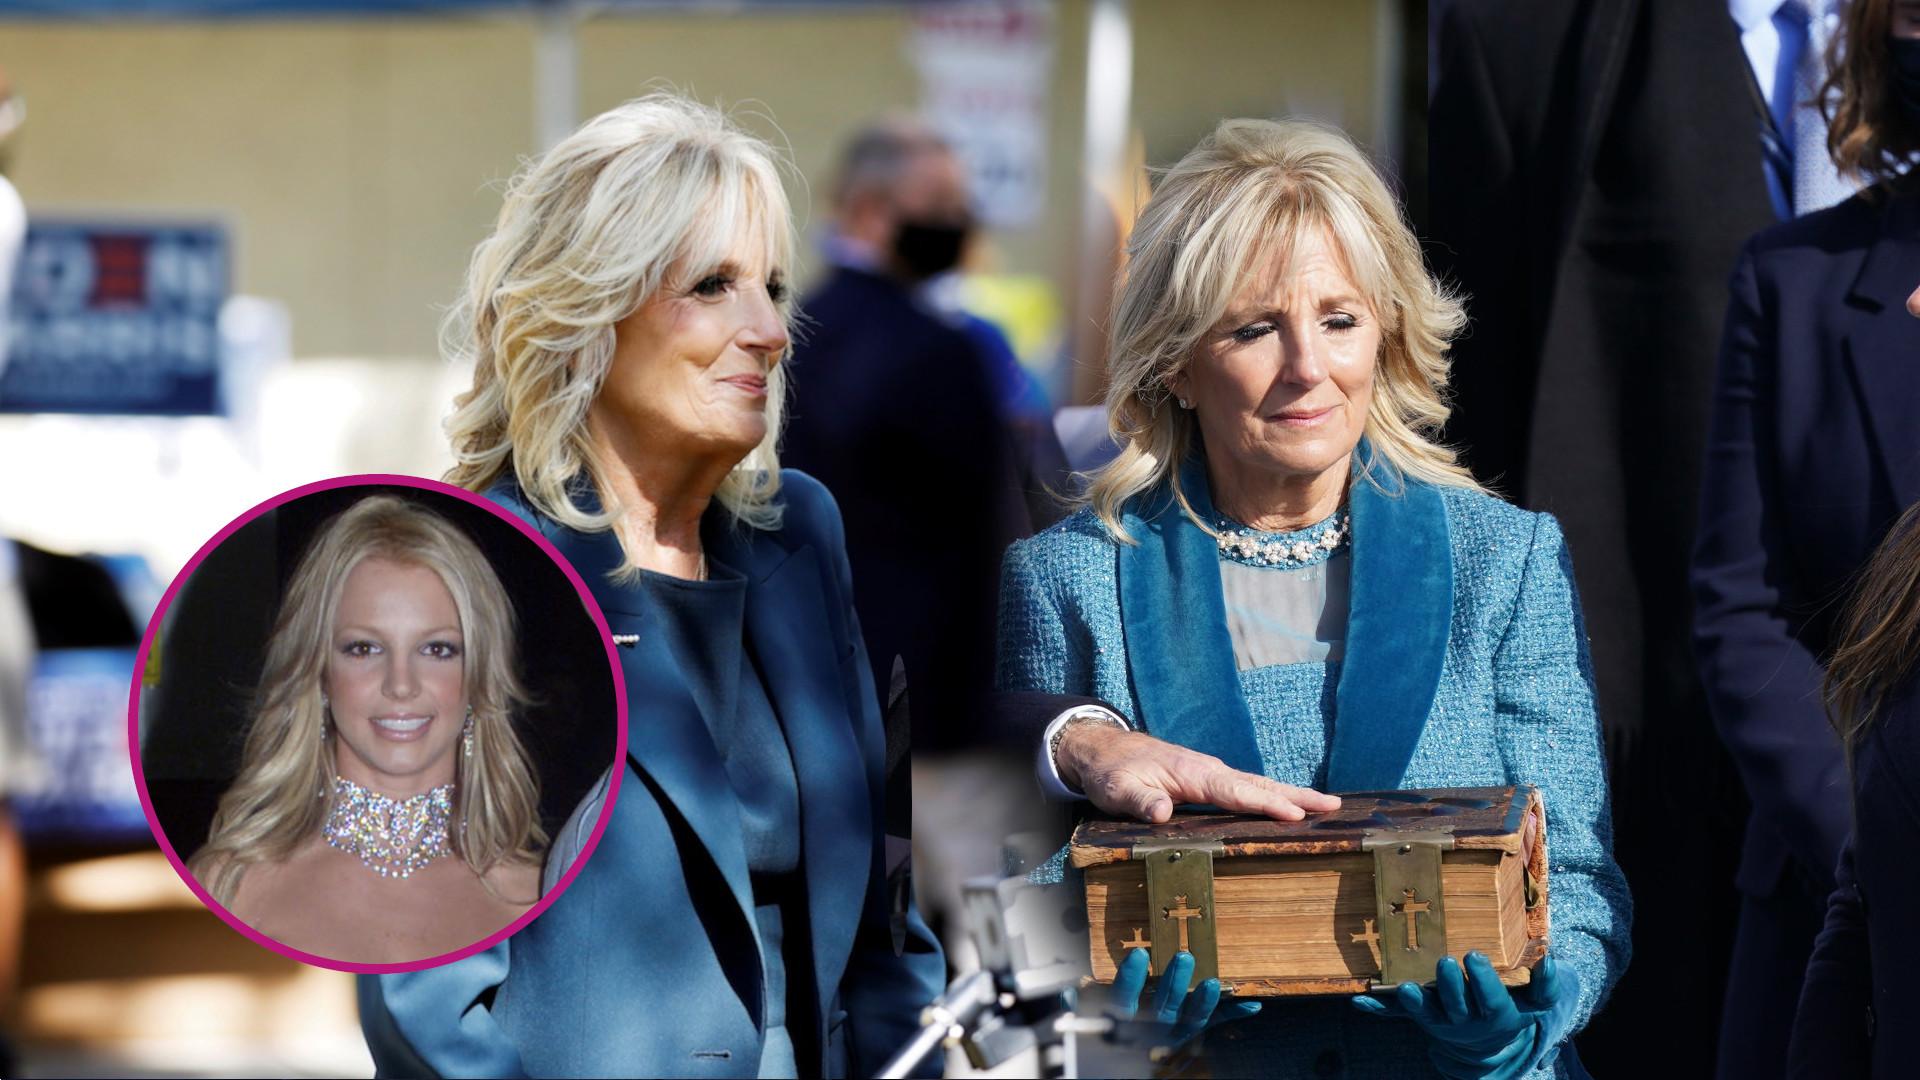 Jill Biden porównana do Britney Spears! Chodzi o słynną kreację